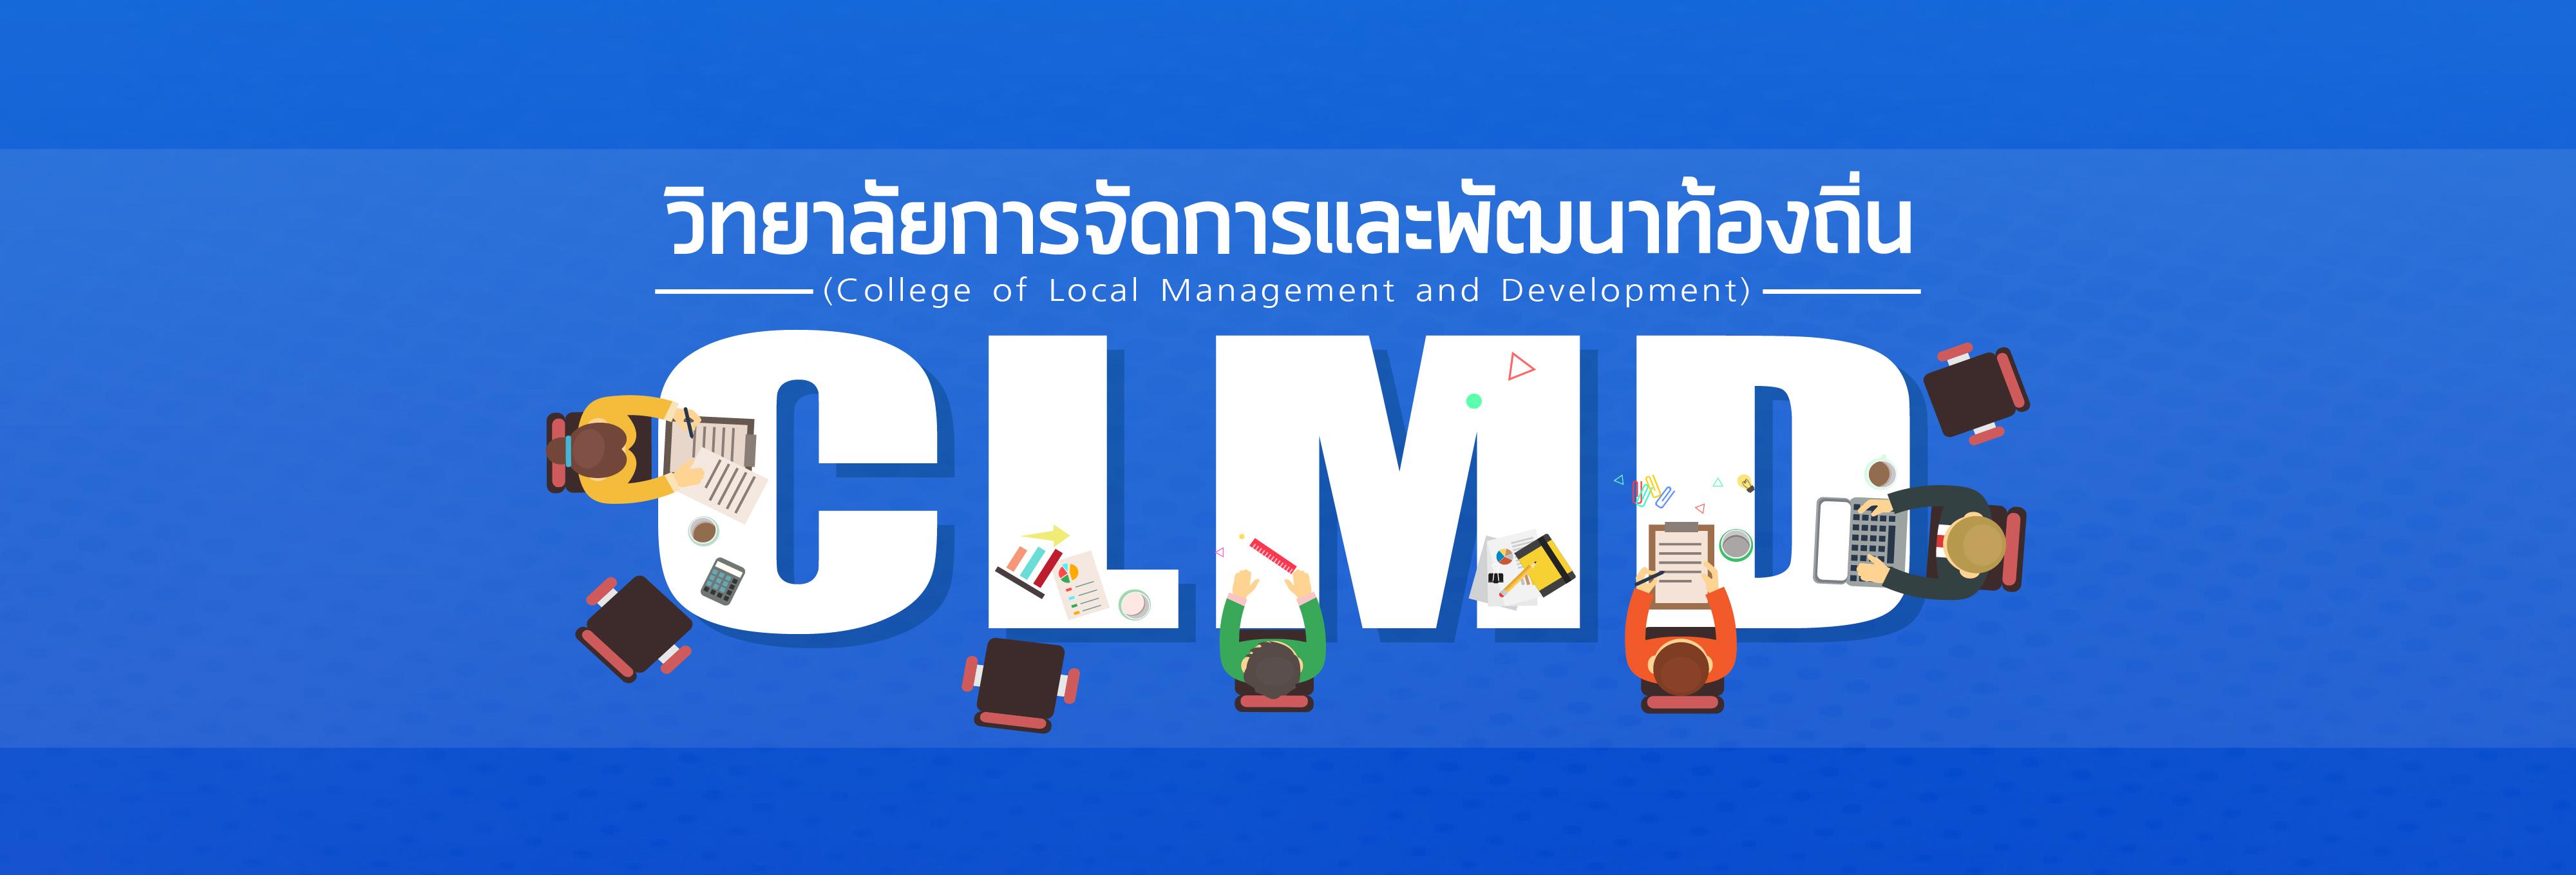 วิทยาลัยการจัดการและพัฒนาท้องถิ่น